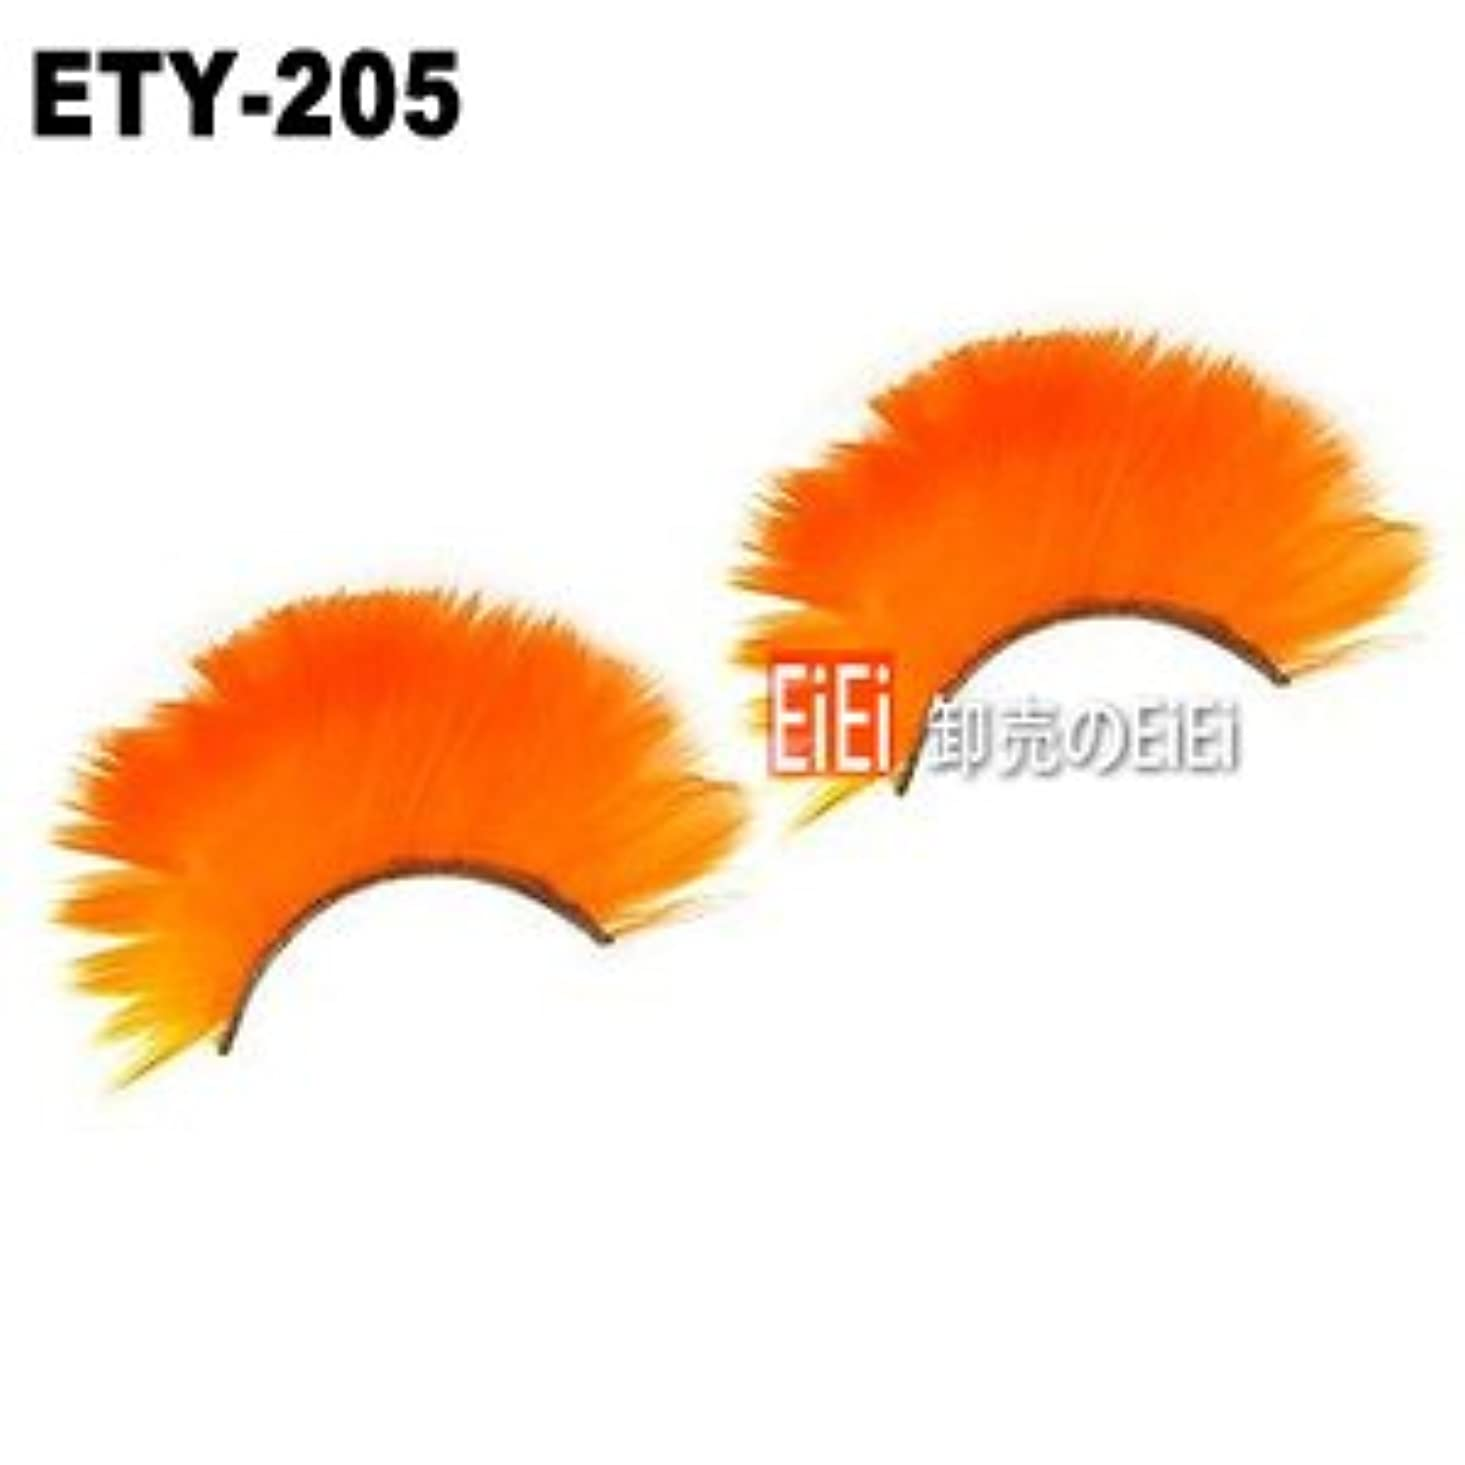 土器束ねる騙すつけまつげ セット 羽 ナチュラル つけま 部分 まつげ 羽まつげ 羽根つけま カラー デザイン フェザー 激安 アイラッシュ ETY-200set (ETY-205)